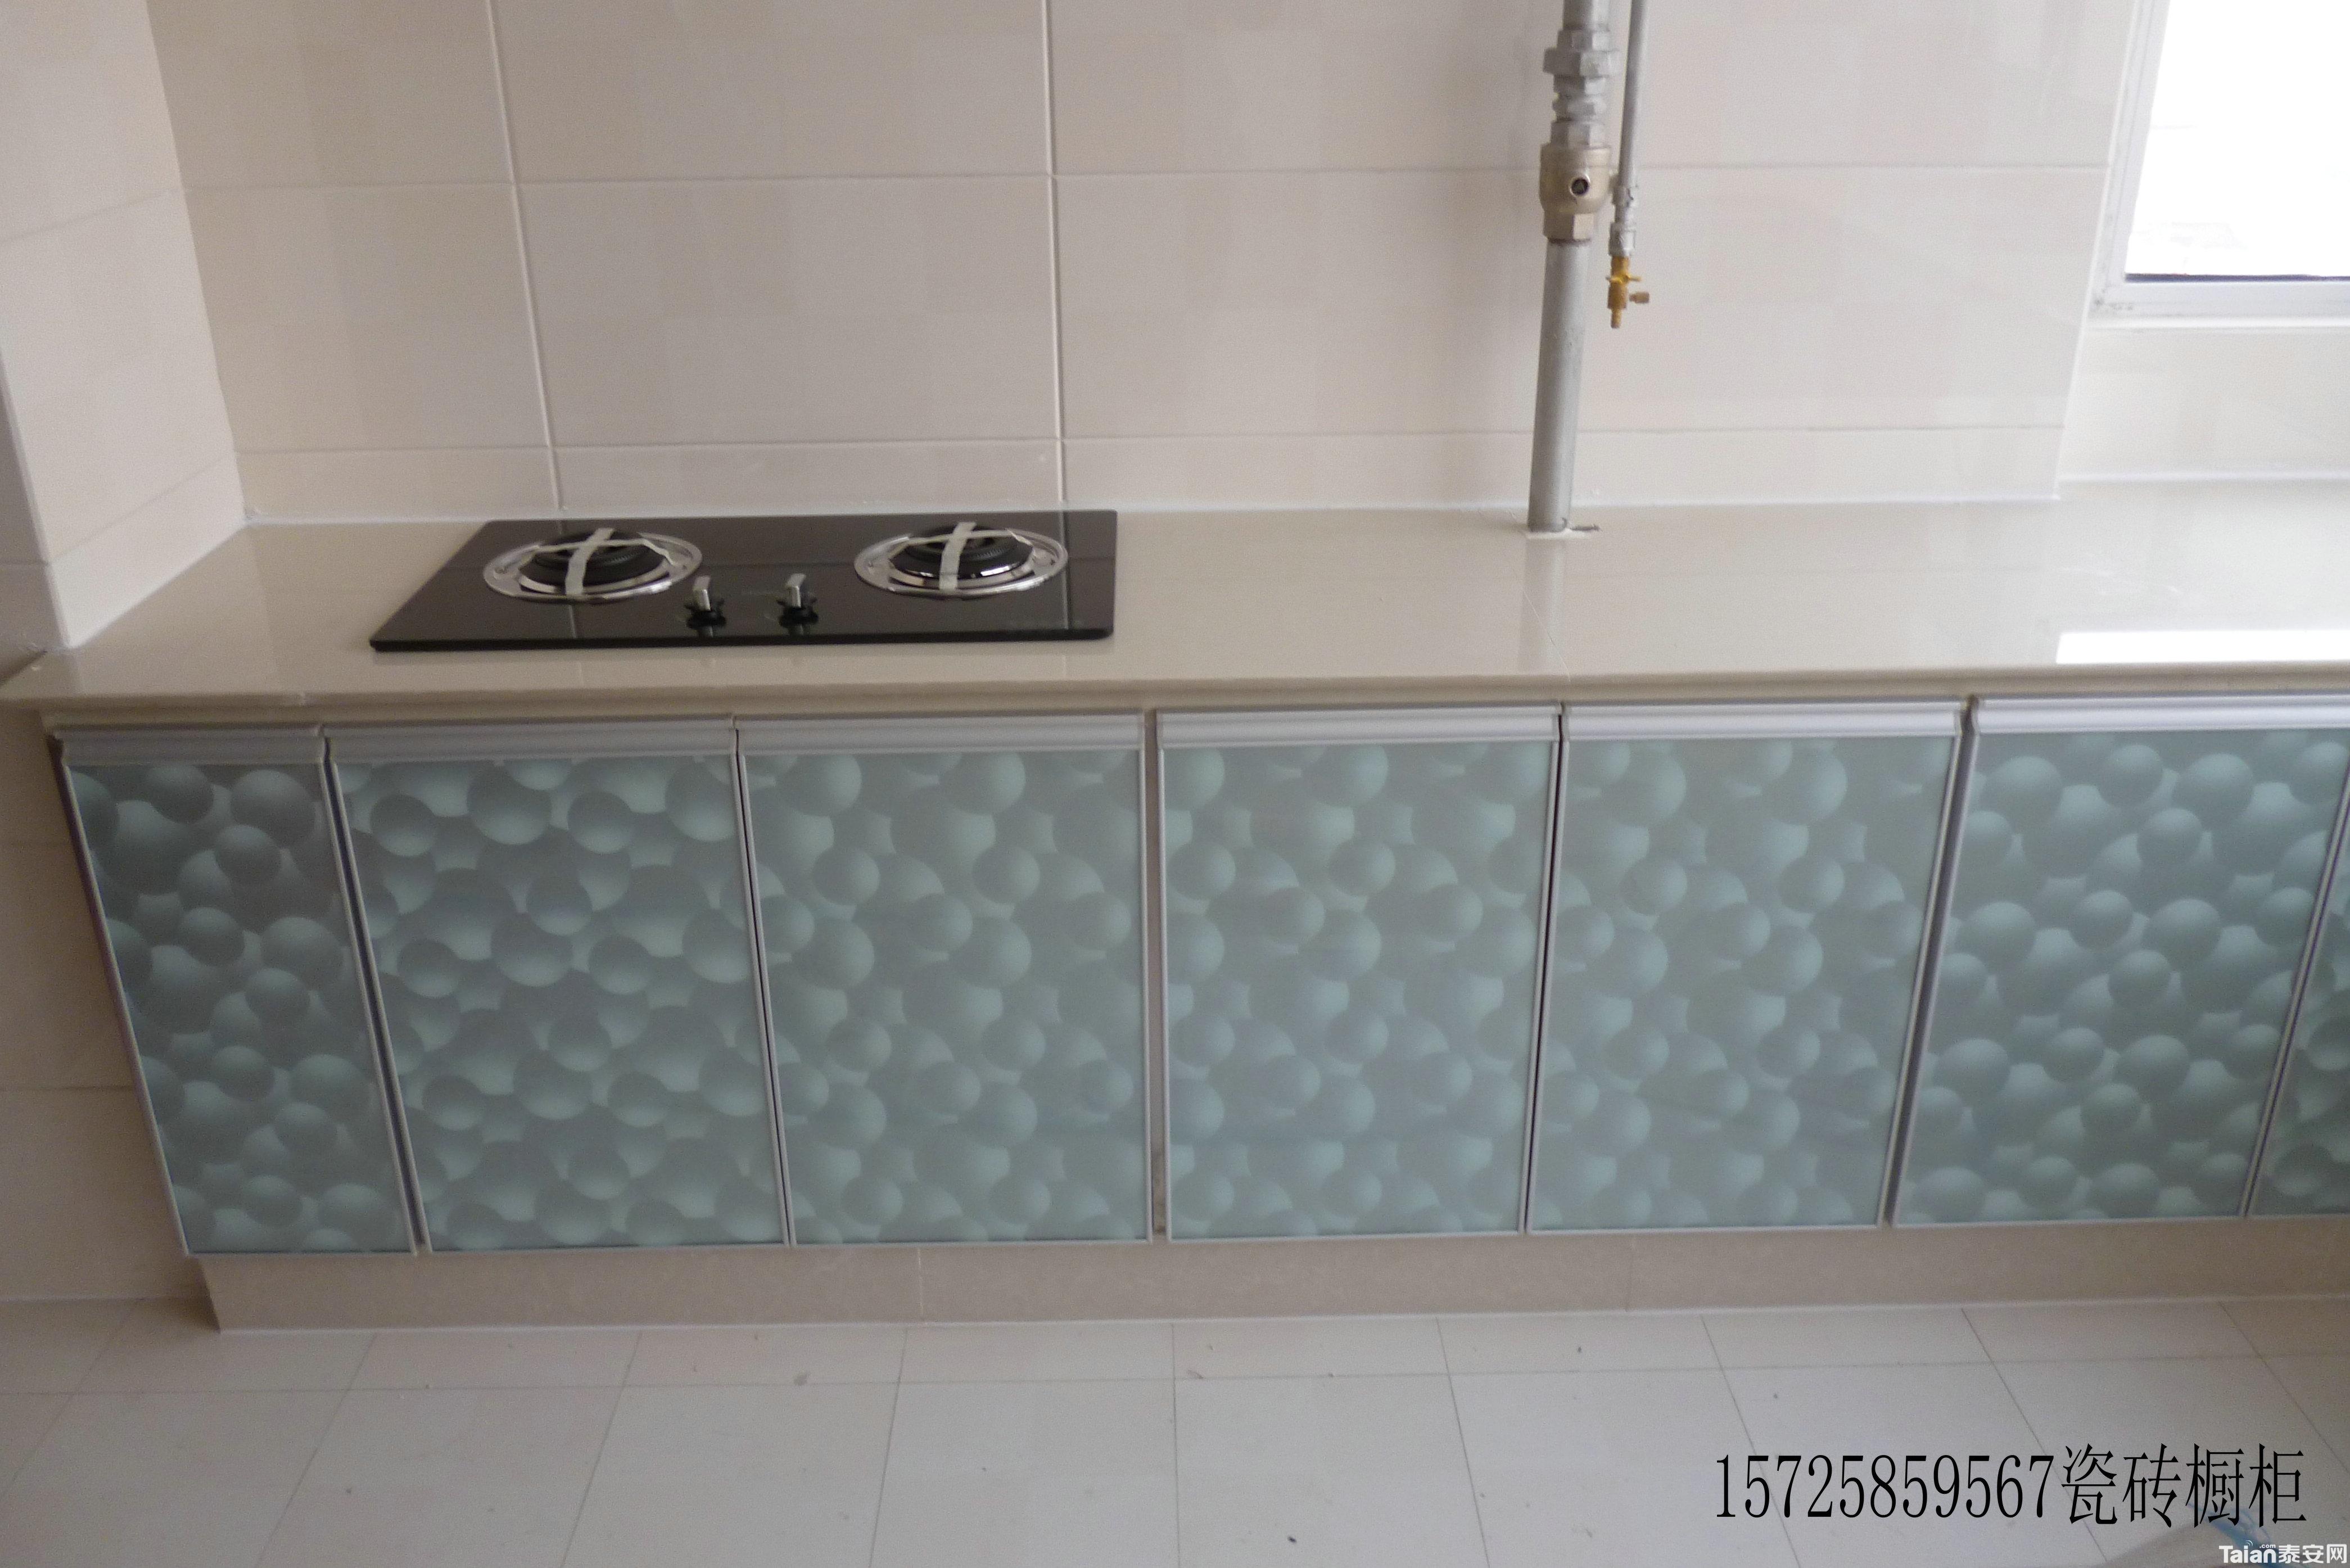 瓷砖灶台橱柜成为家庭厨房装修的新亮点 目前的瓷砖灶台橱柜从